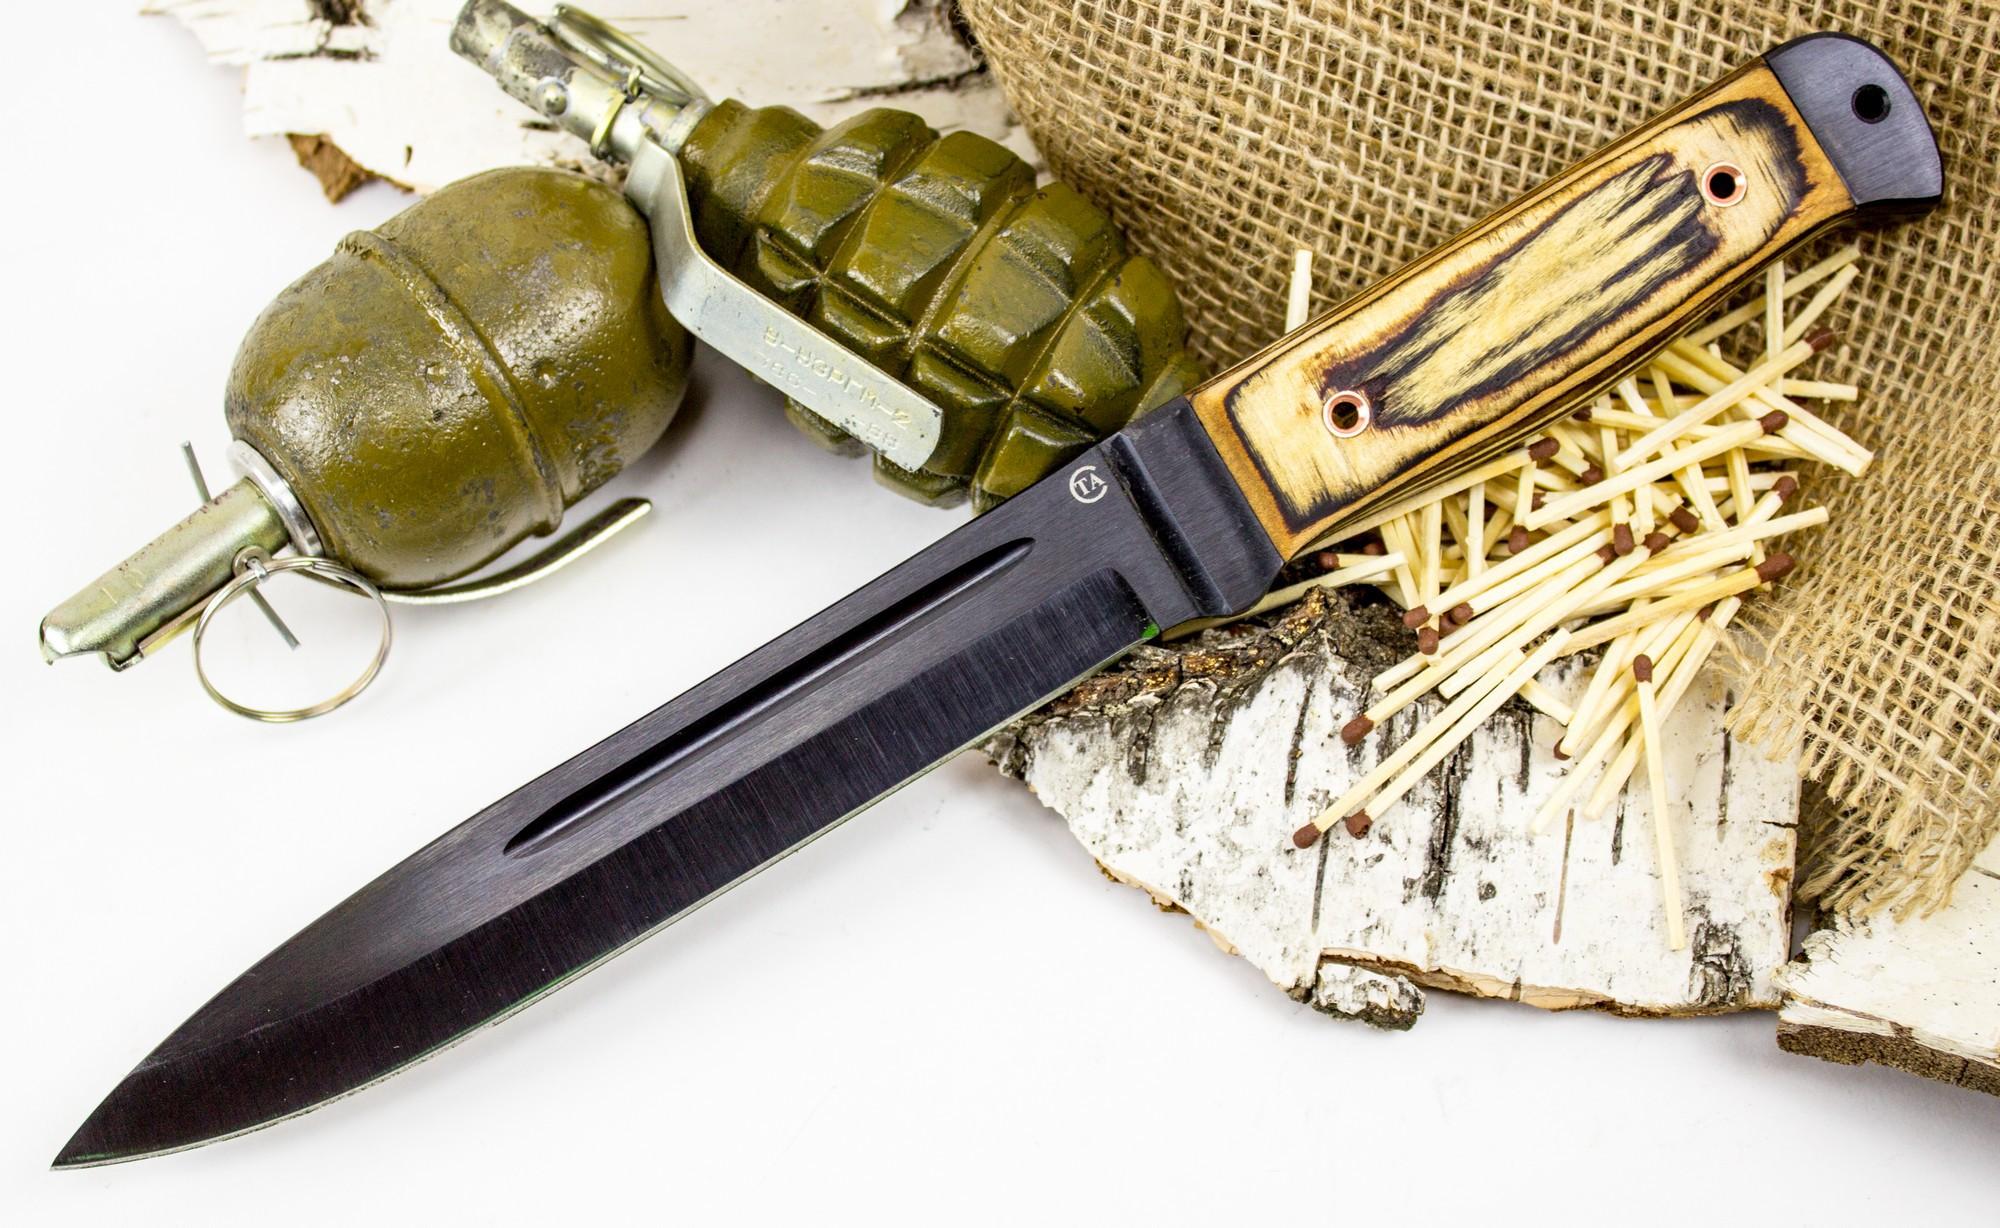 Фото 5 - Нож Горец-2, сталь 65Г, бакелитовая фанера от Титов и Солдатова